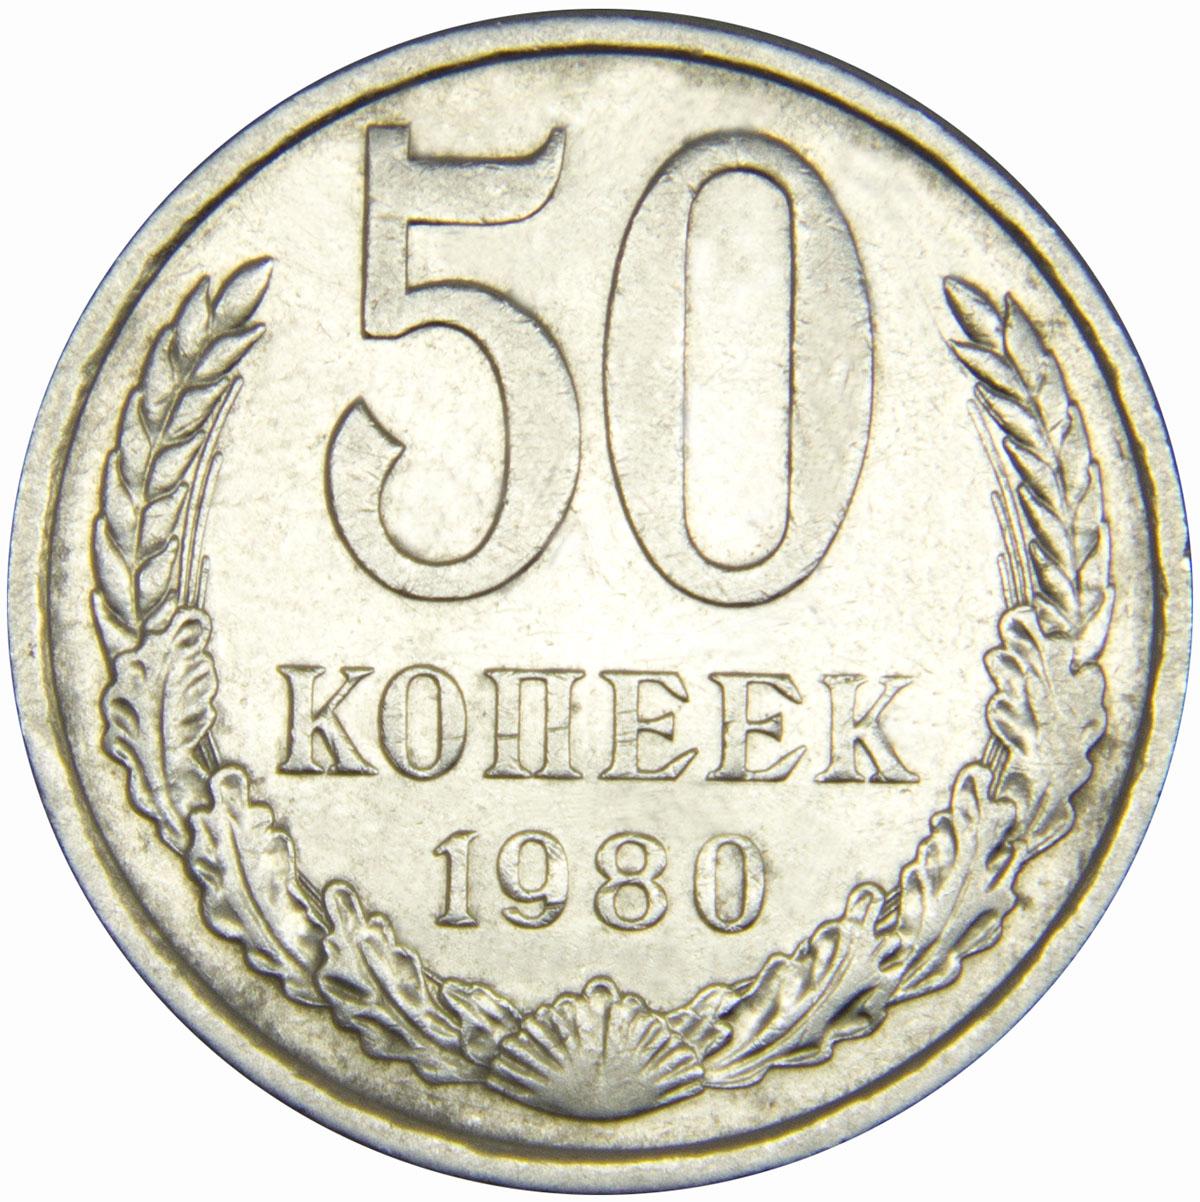 Монета номиналом 50 копеек. Медно-никелевый сплав. Сохранность VF. СССР, 1980 годОС27728Диаметр монеты: 24 мм Вес: 4,4 г. Материал: медь-никель Гурт: надпись